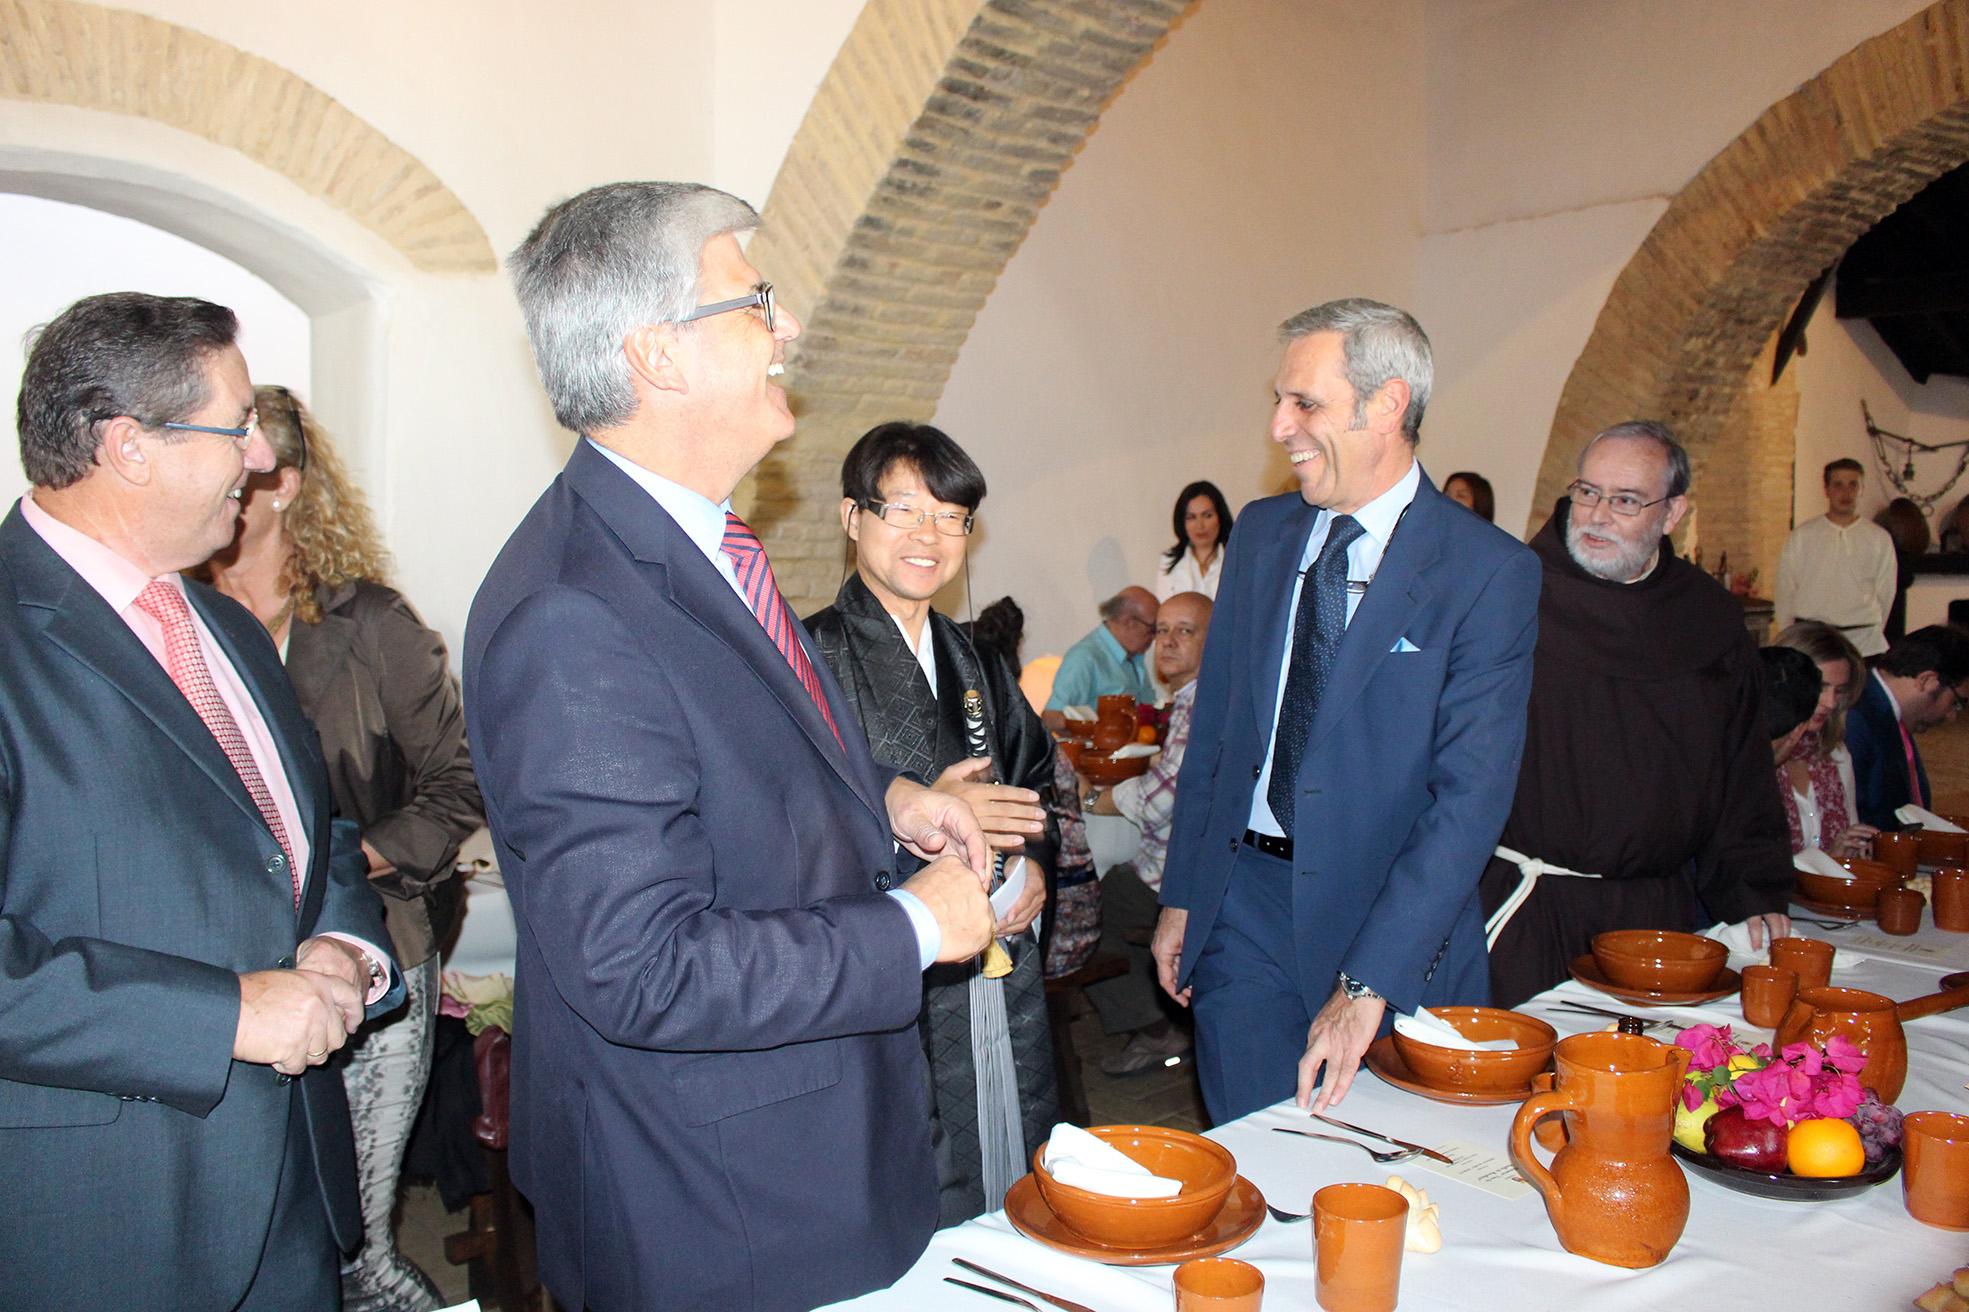 Domingo Salado, Javier Landa, un touroperador japonés y José Japón durante el almuerzo del siglo XVII.